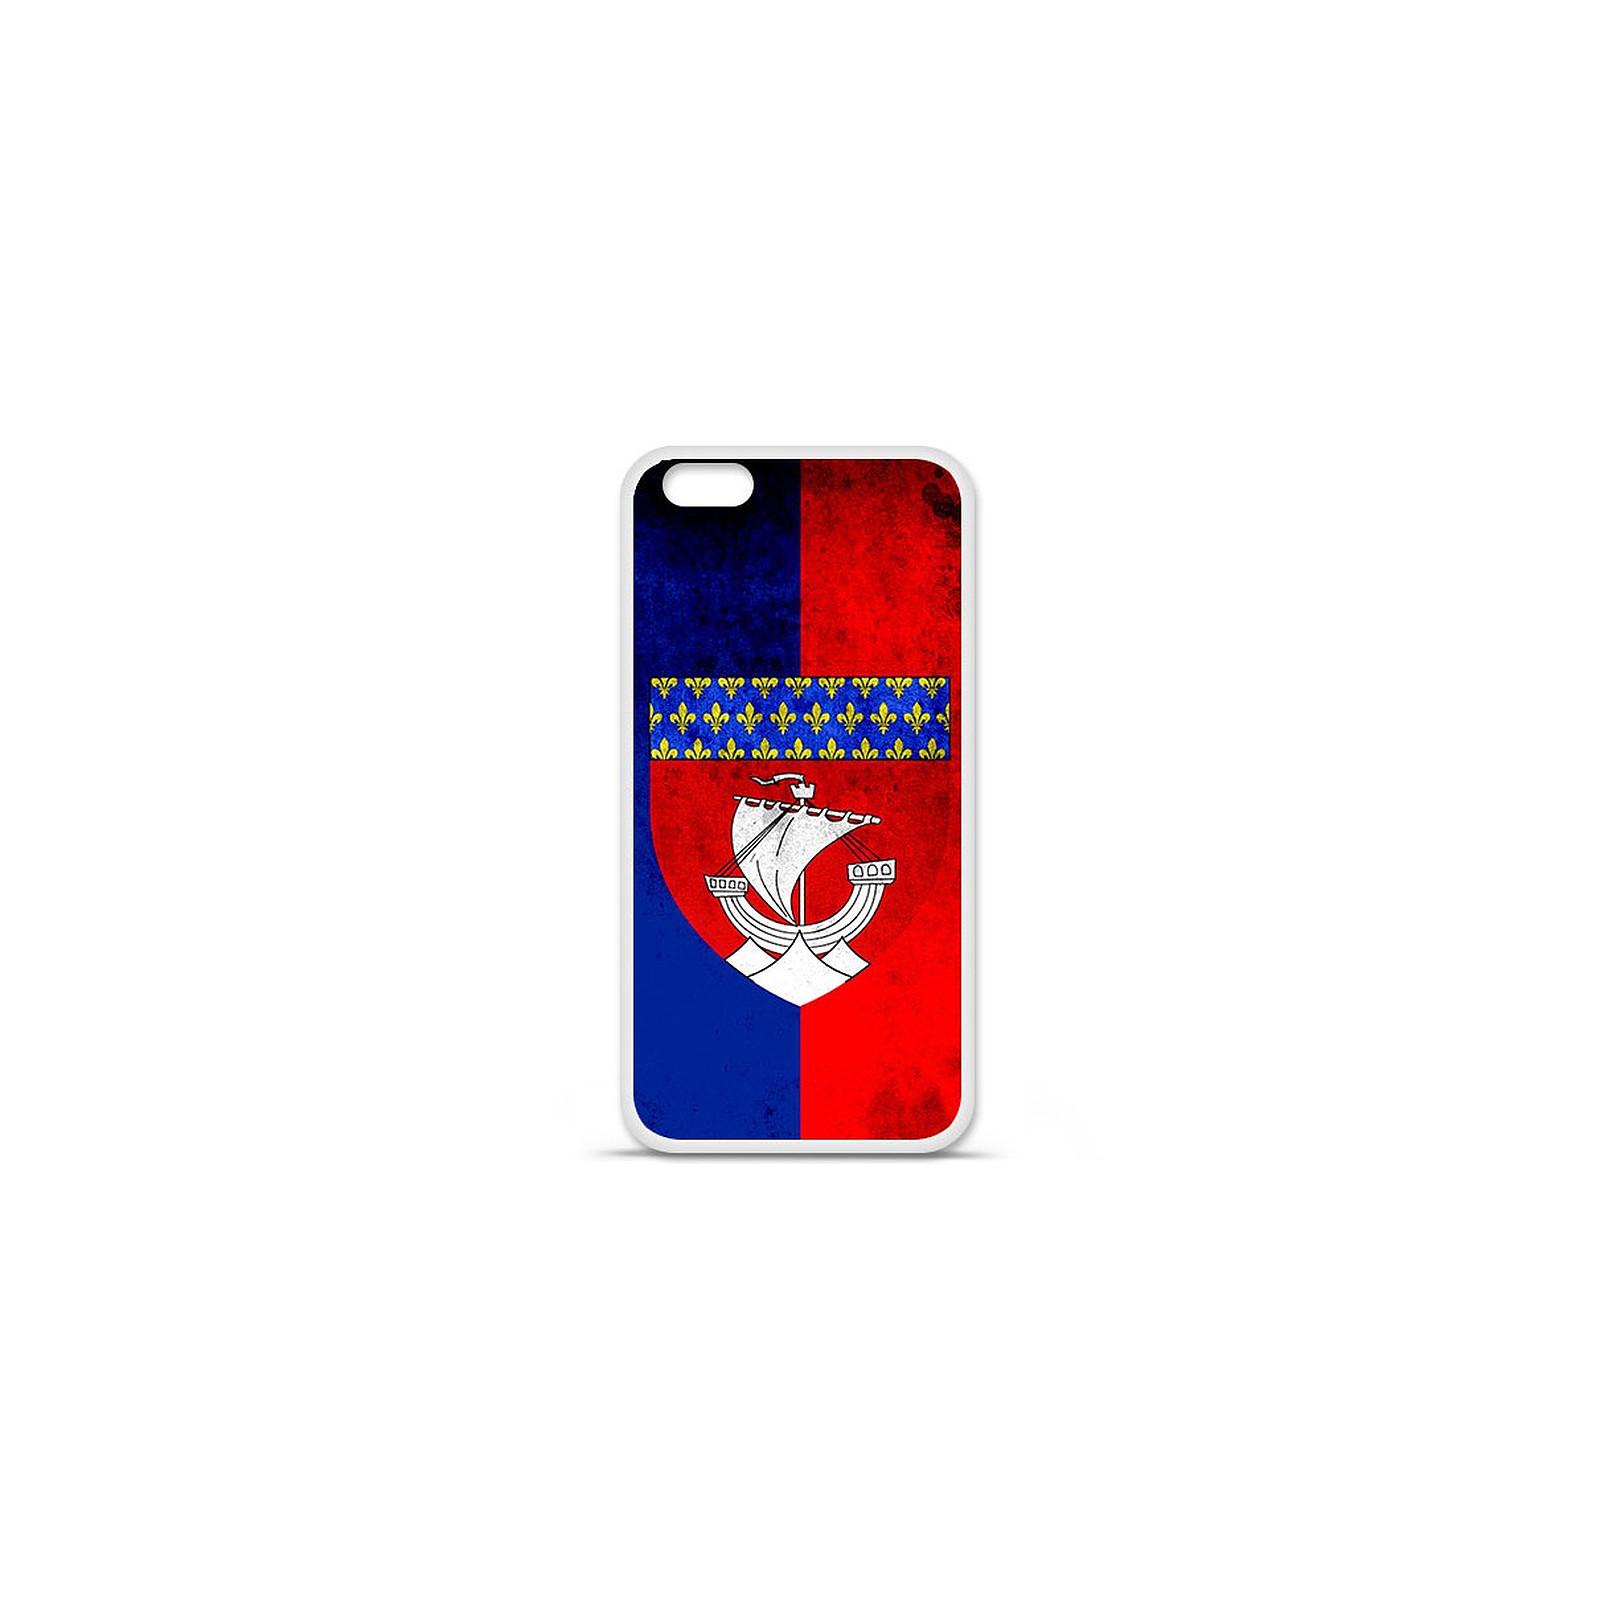 1001 Coques Coque silicone gel Apple IPhone 7 Plus motif Drapeau Paris